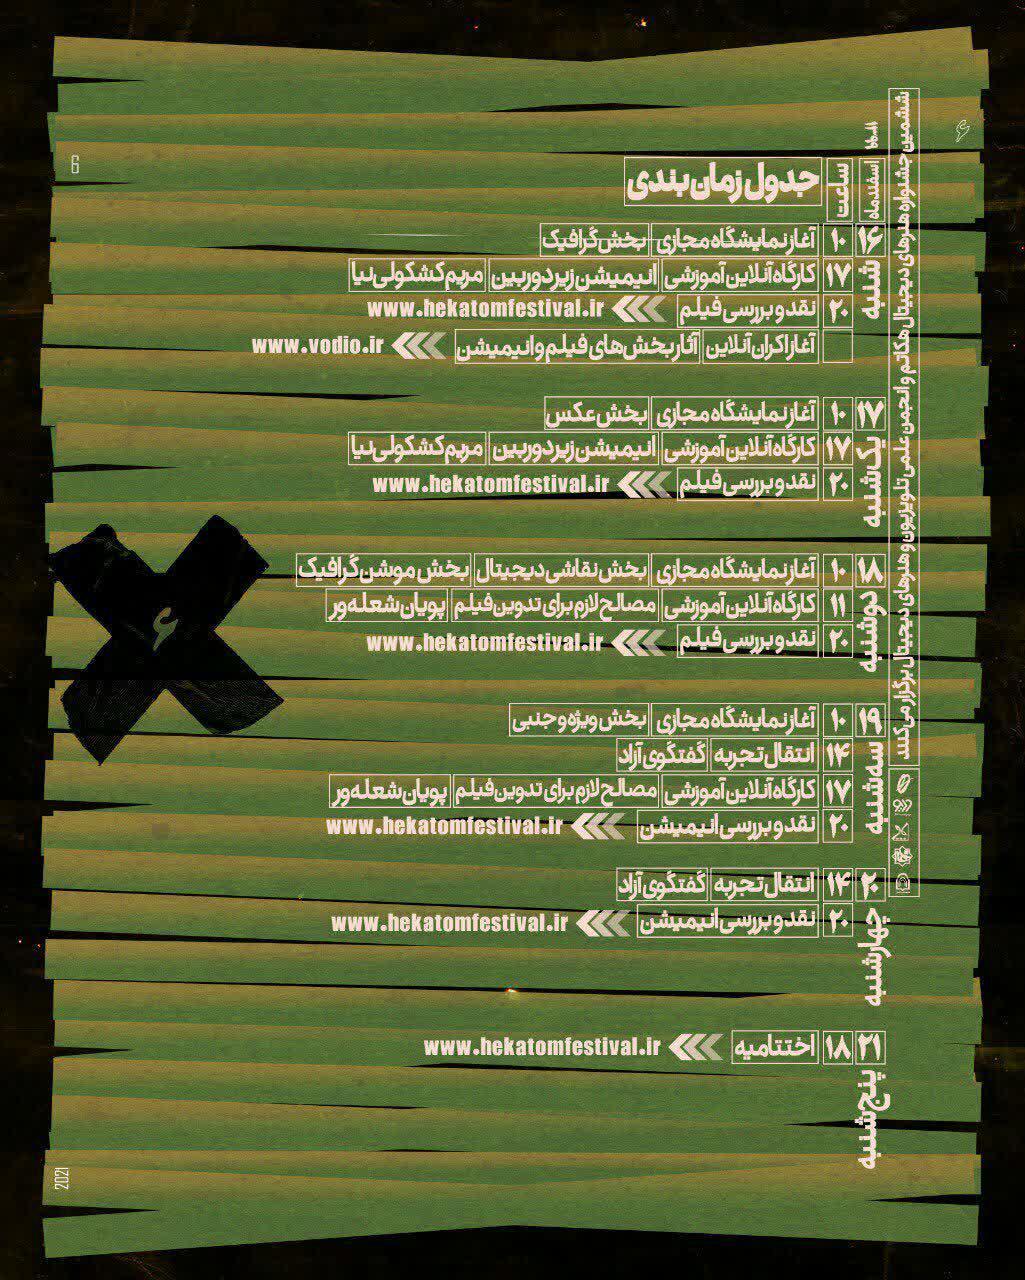 جدول کامل زمانبندی ششمین جشنواره ملی هنرهای دیجیتال هکاتم